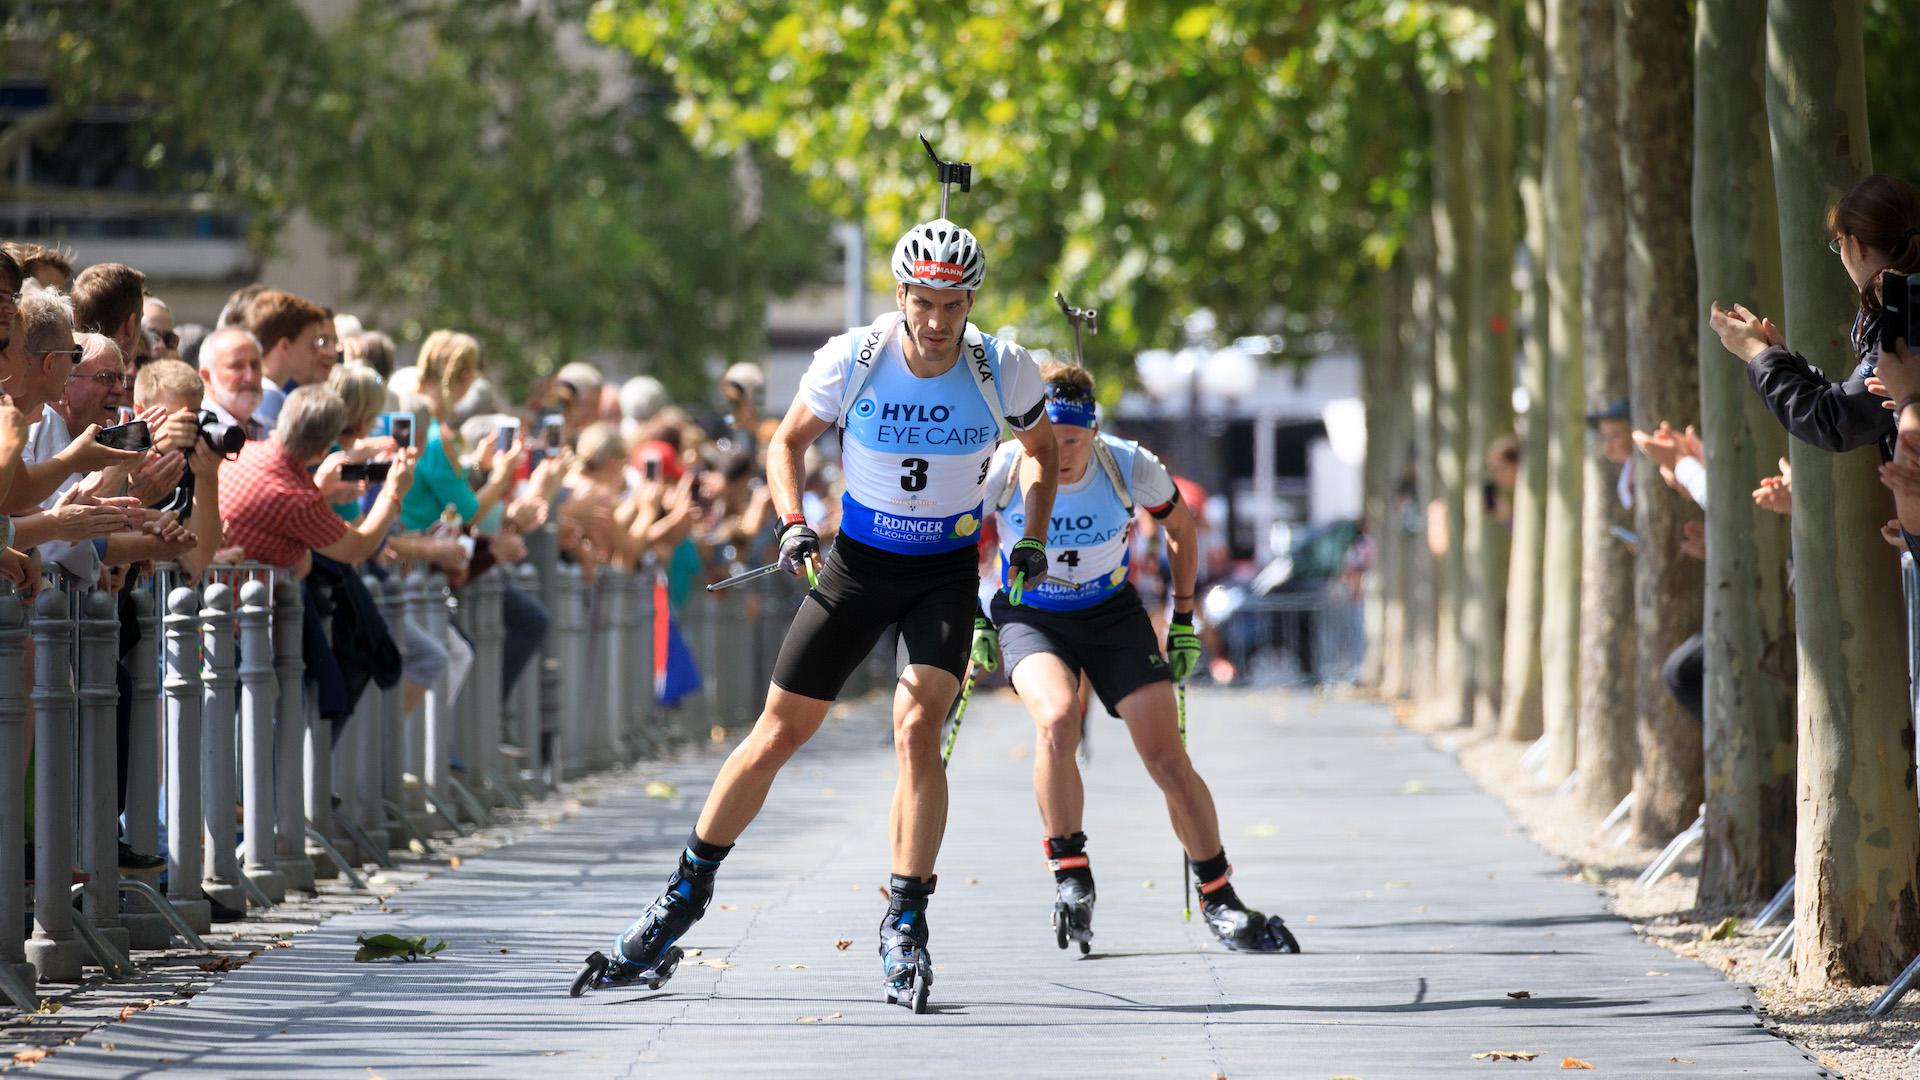 City Biathlon